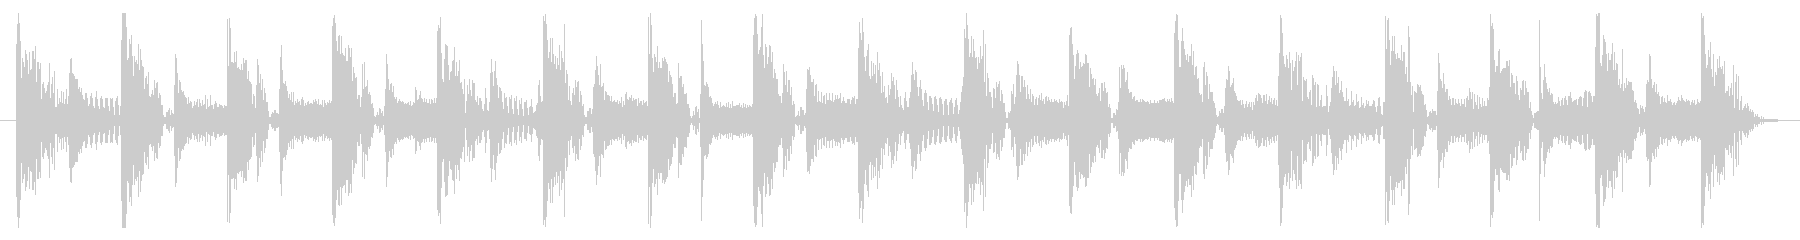 ベース生演奏のクールスラップジングル06の未再生の波形